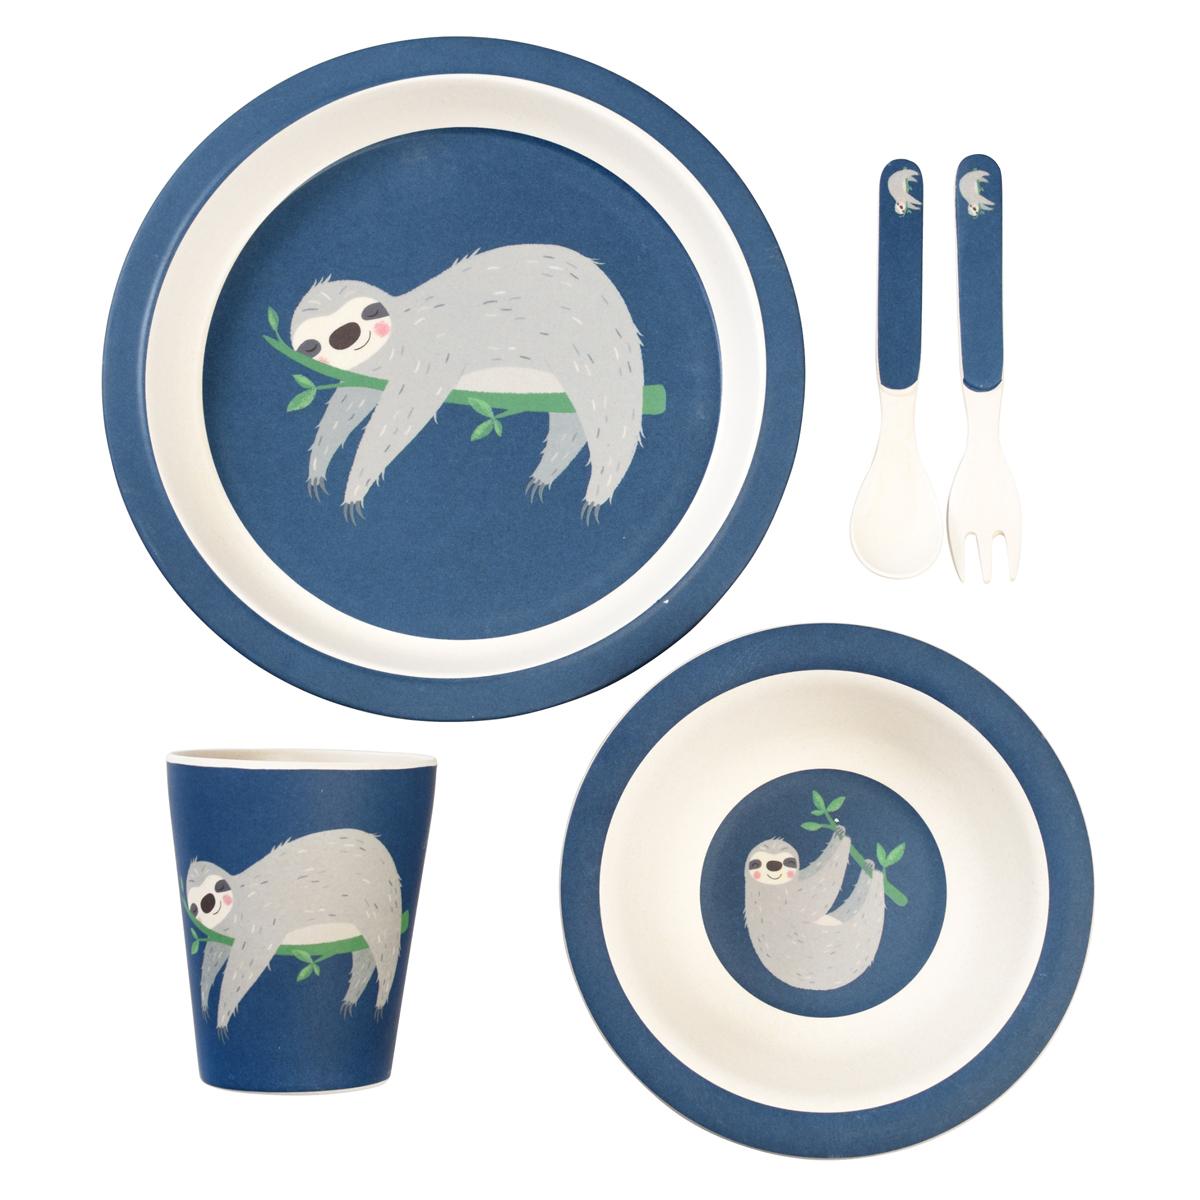 Coffret repas Set Repas 5 Pièces Bambou - Sydney le Paresseux Set Repas 5 Pièces Bambou - Sydney le Paresseux